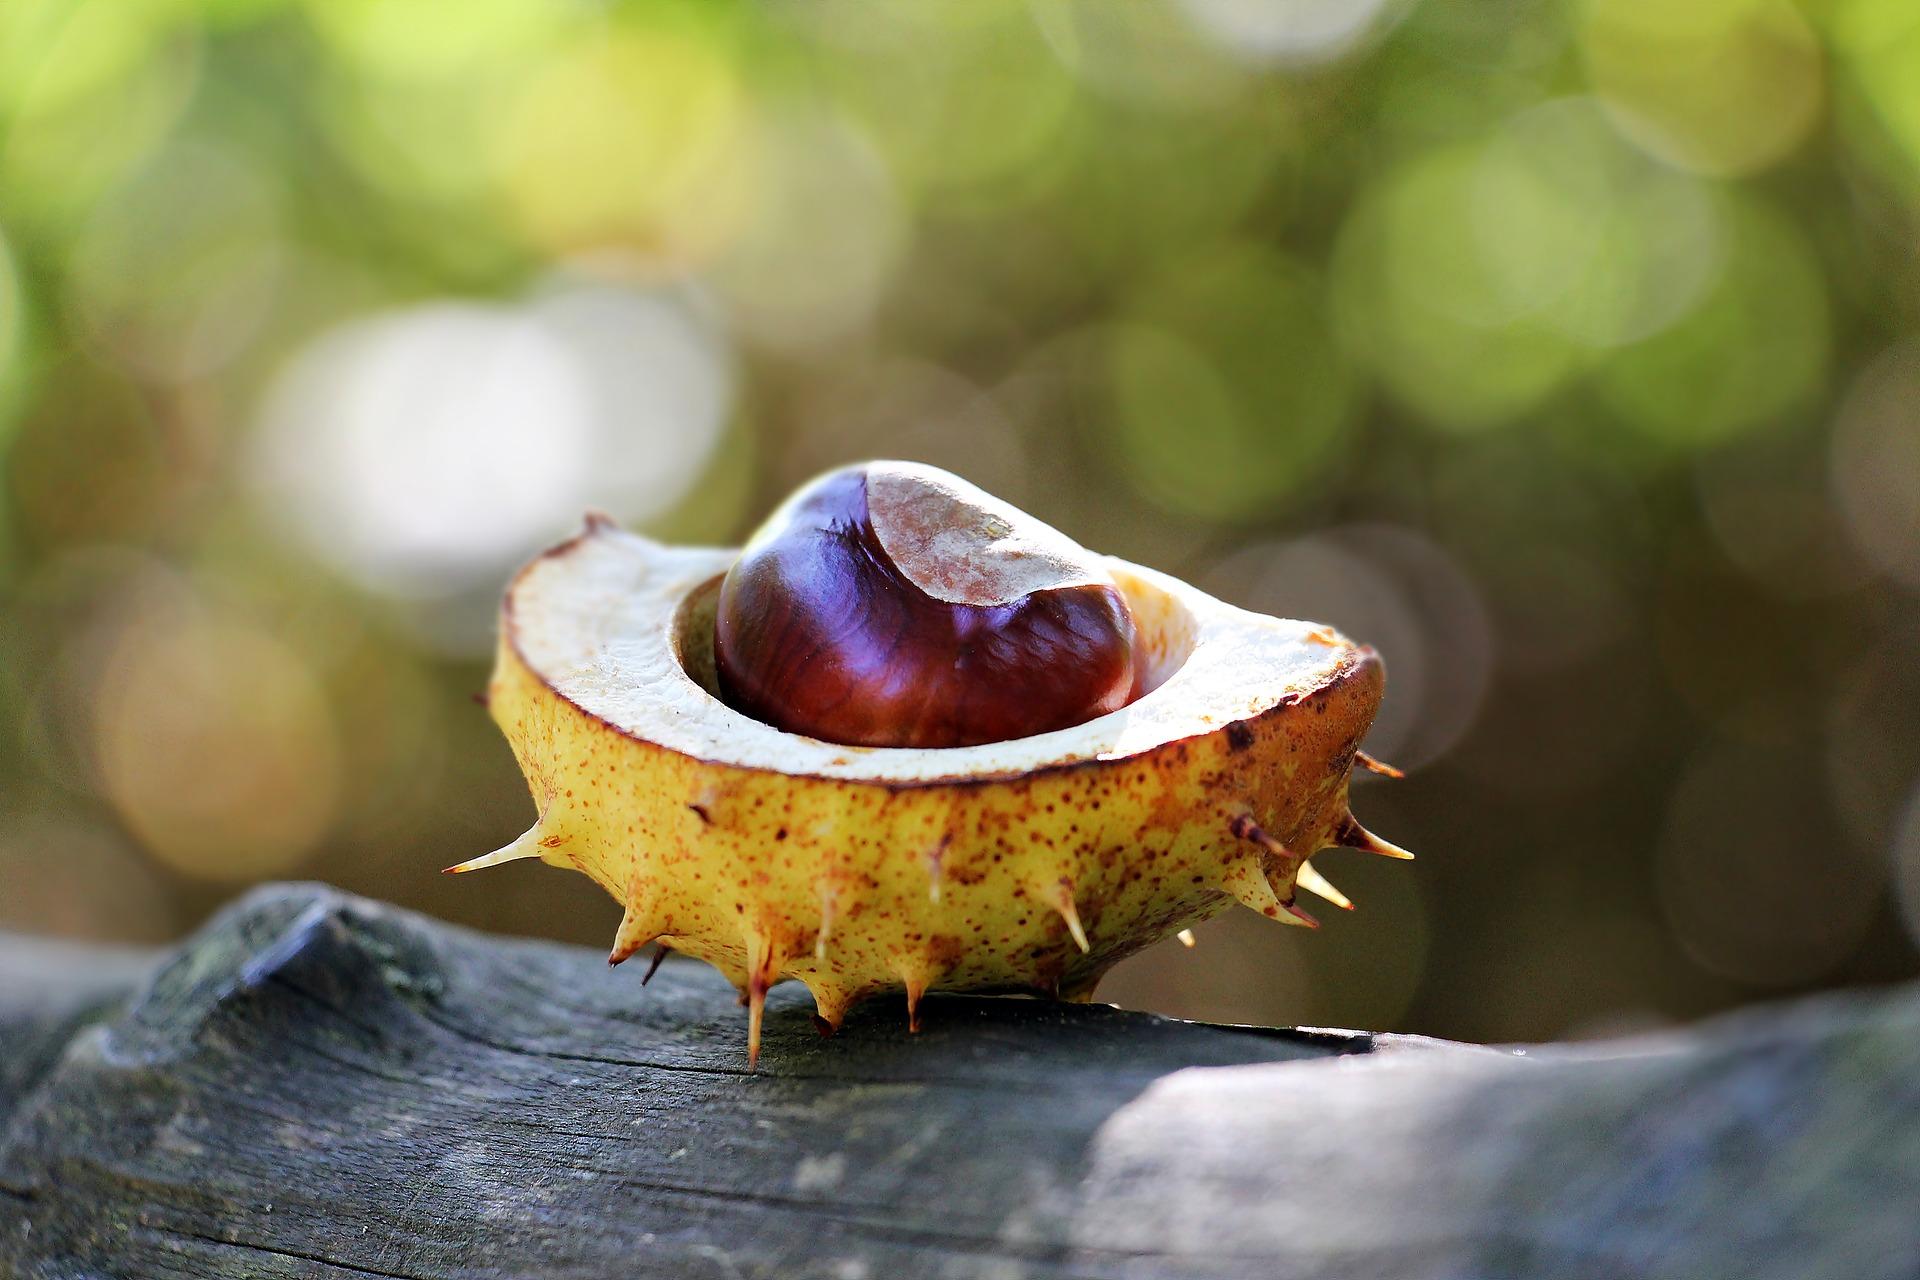 chestnut-1698692_1920